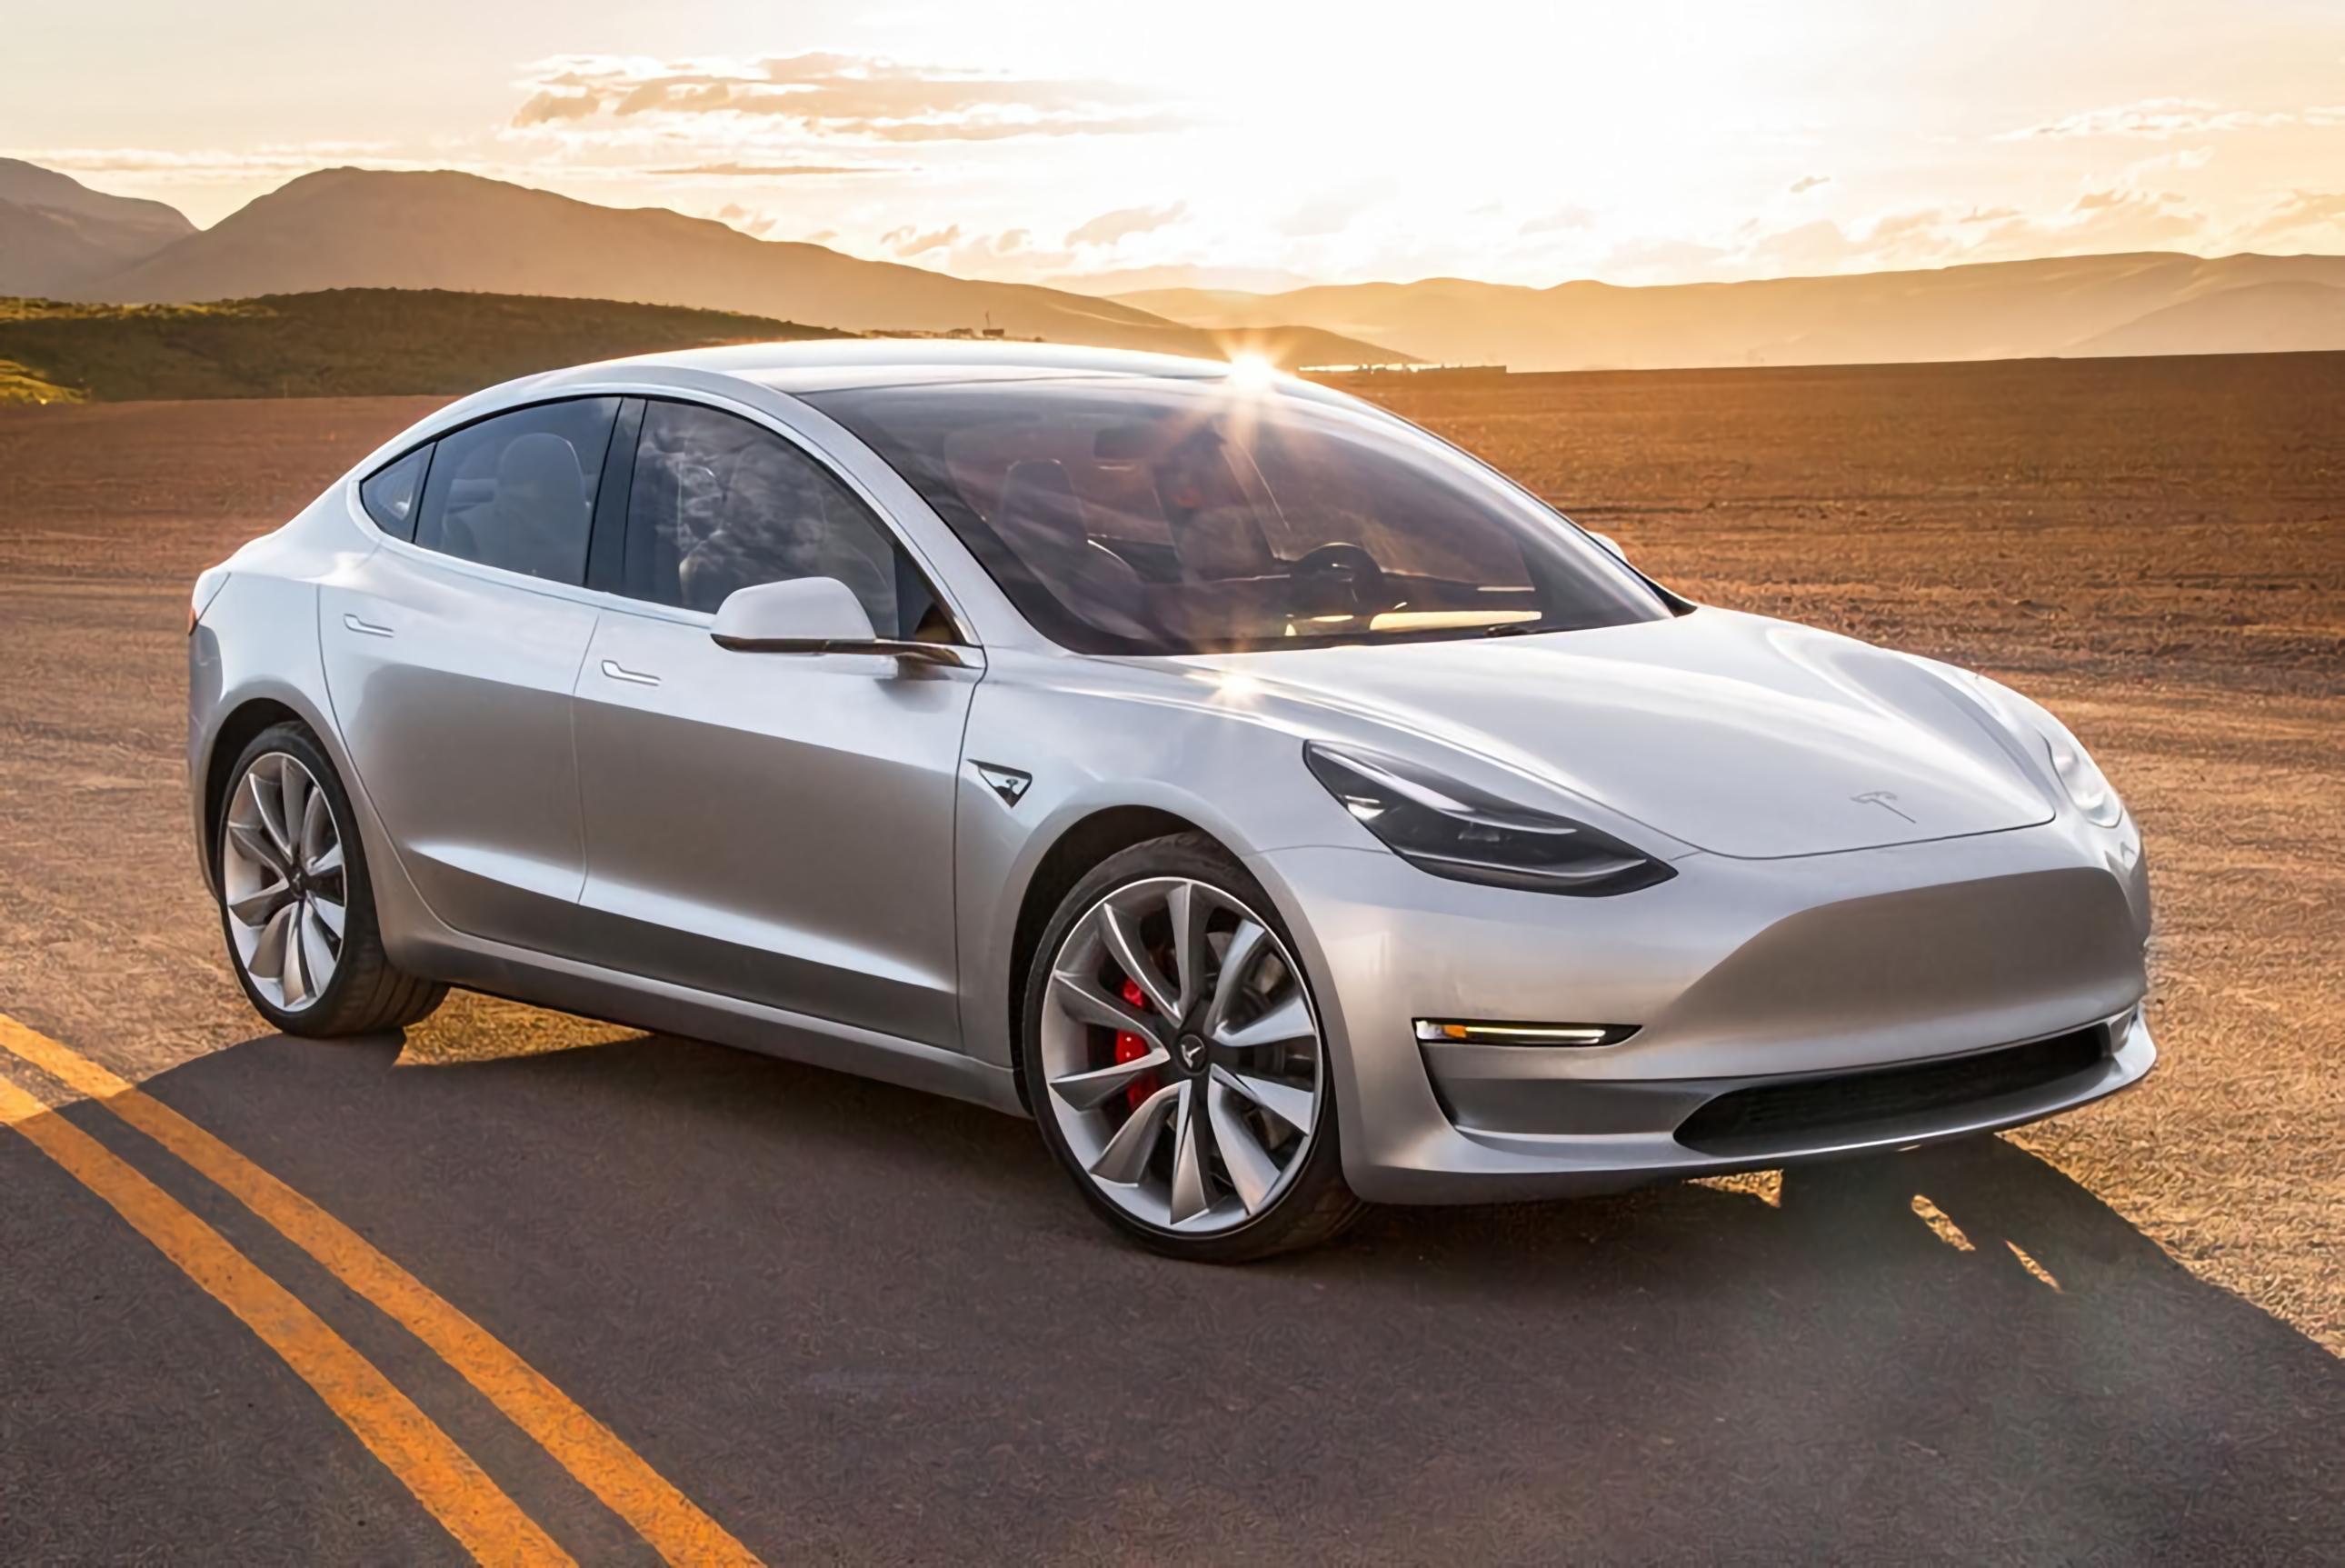 Tesla готовит рестайлинг Model 3: обновят «начинку», внешний вид, центральную консоль и рулевое колесо